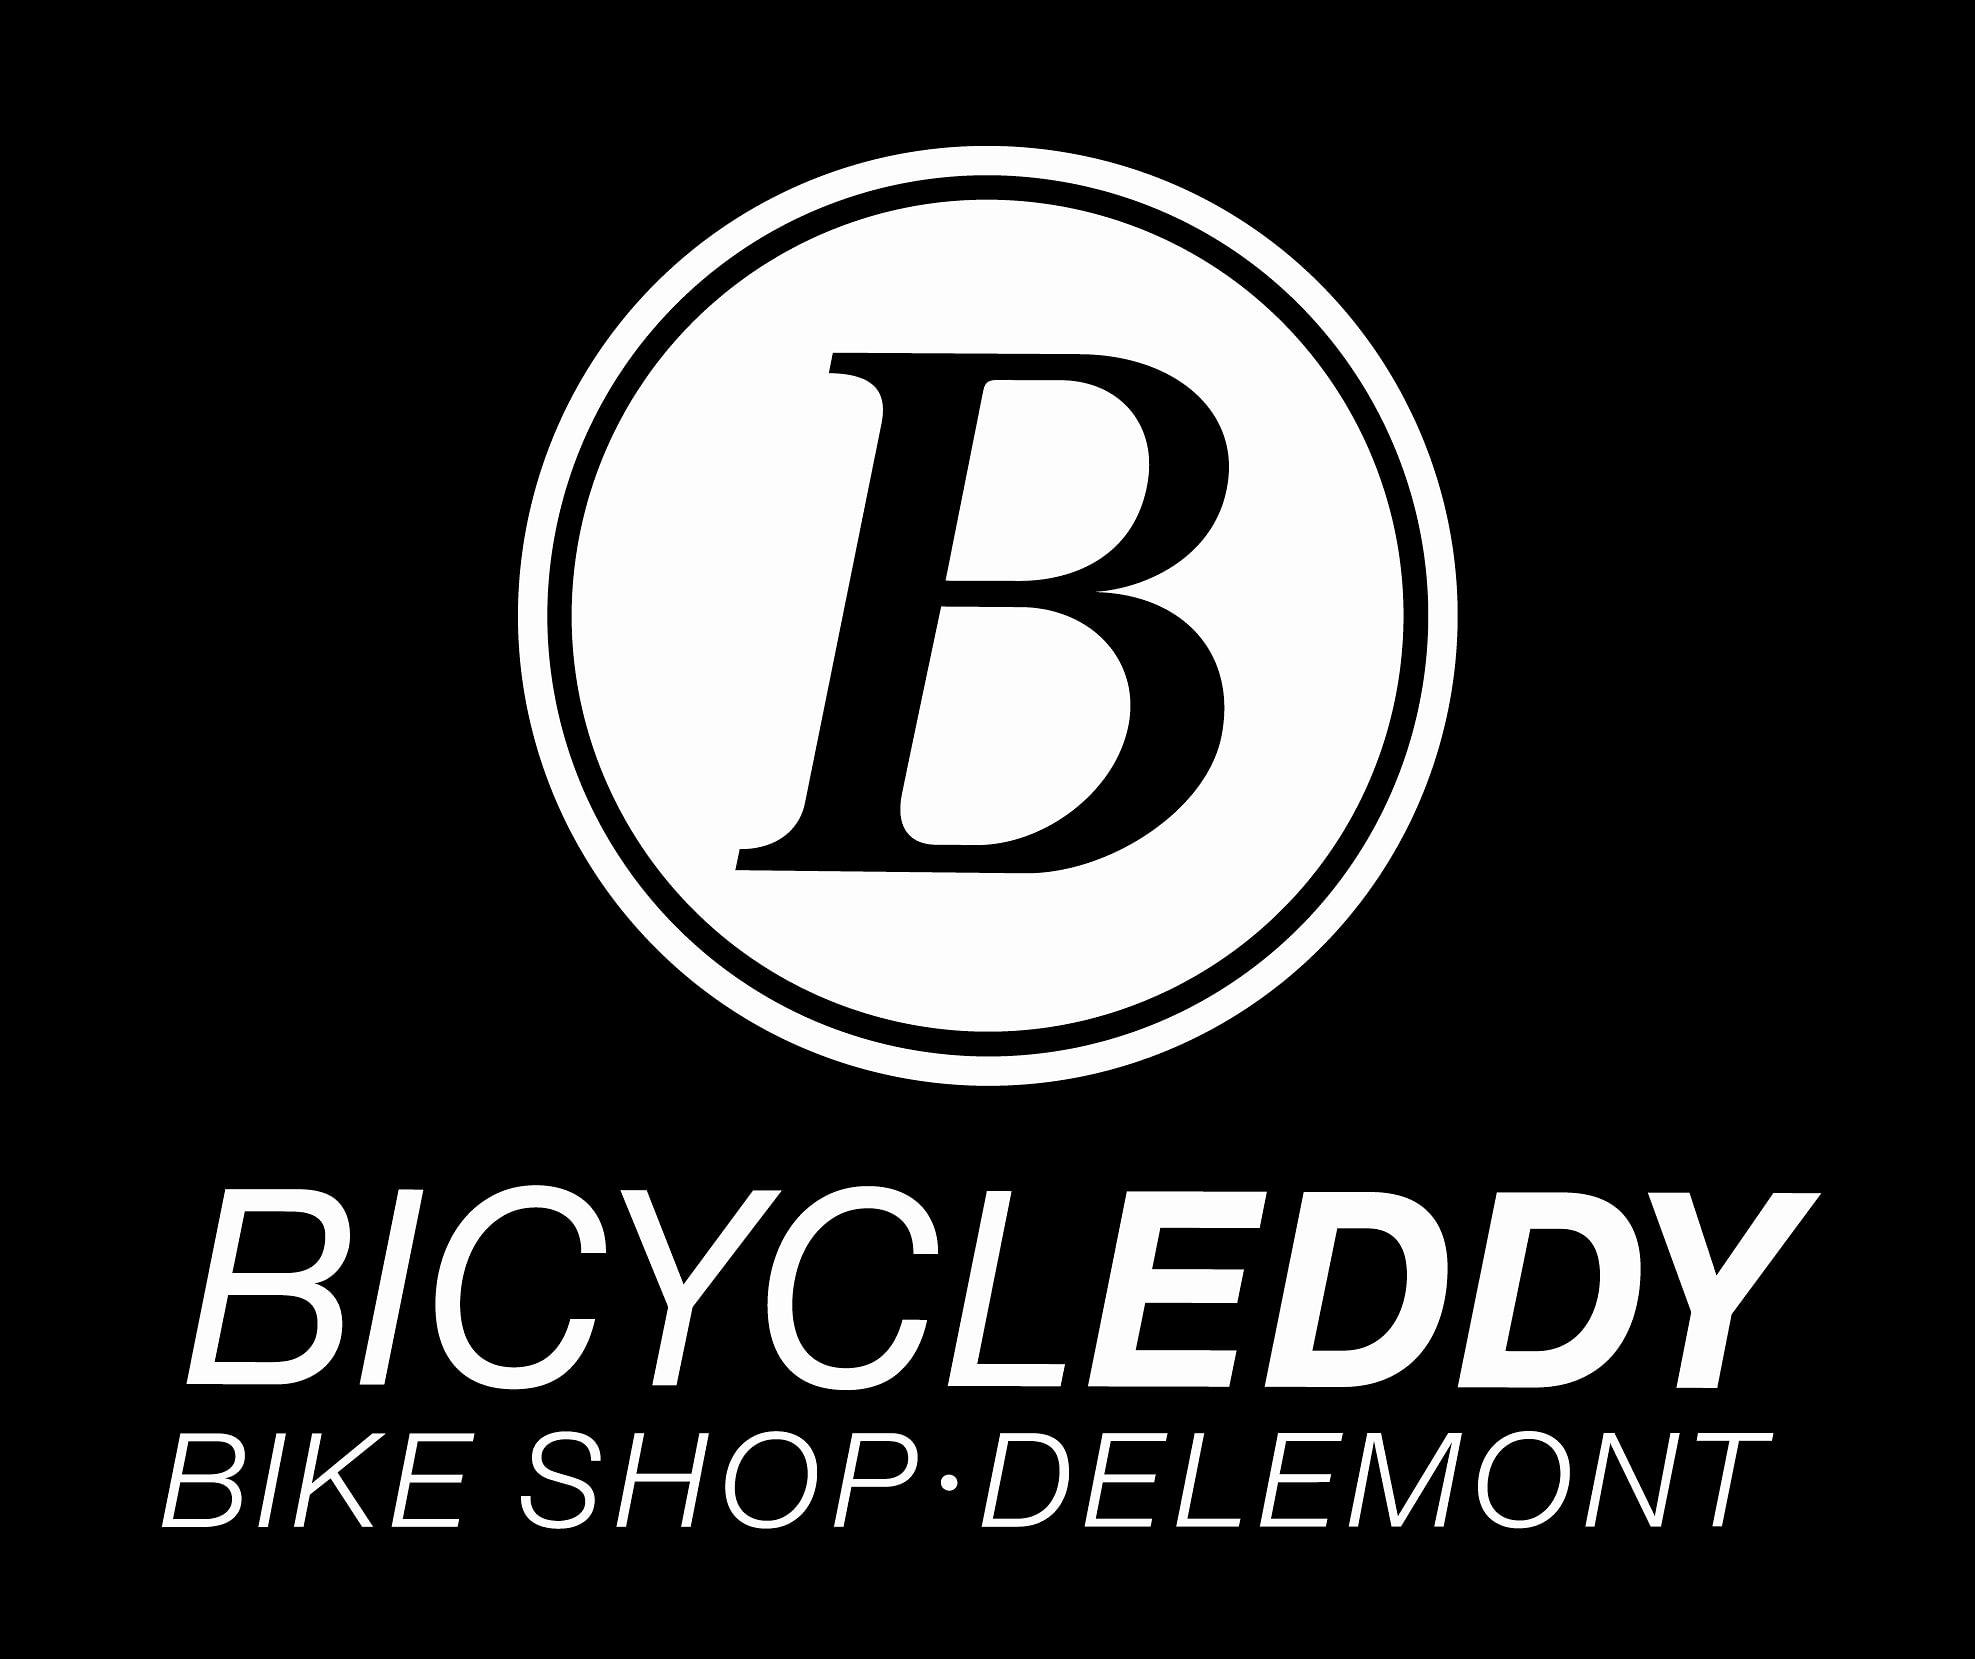 Bicycleddy